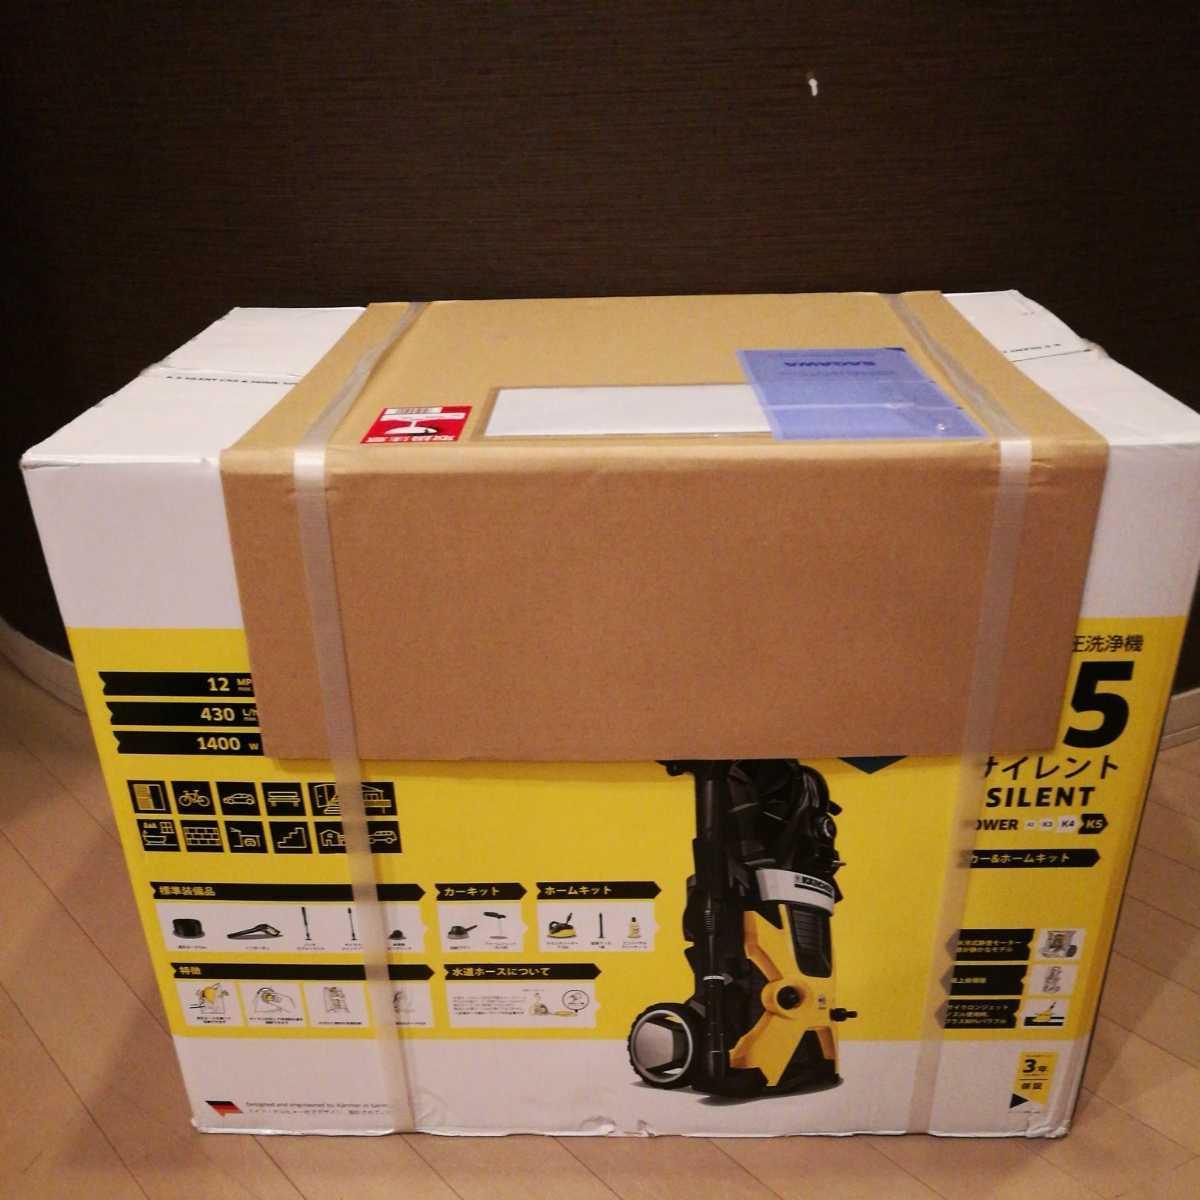 【新品未開封品】西日本用ケルヒャー高圧洗浄機 K5サイレントカー&ホームキット 60Hz メーカー保証有り 2020年2月購入_画像4